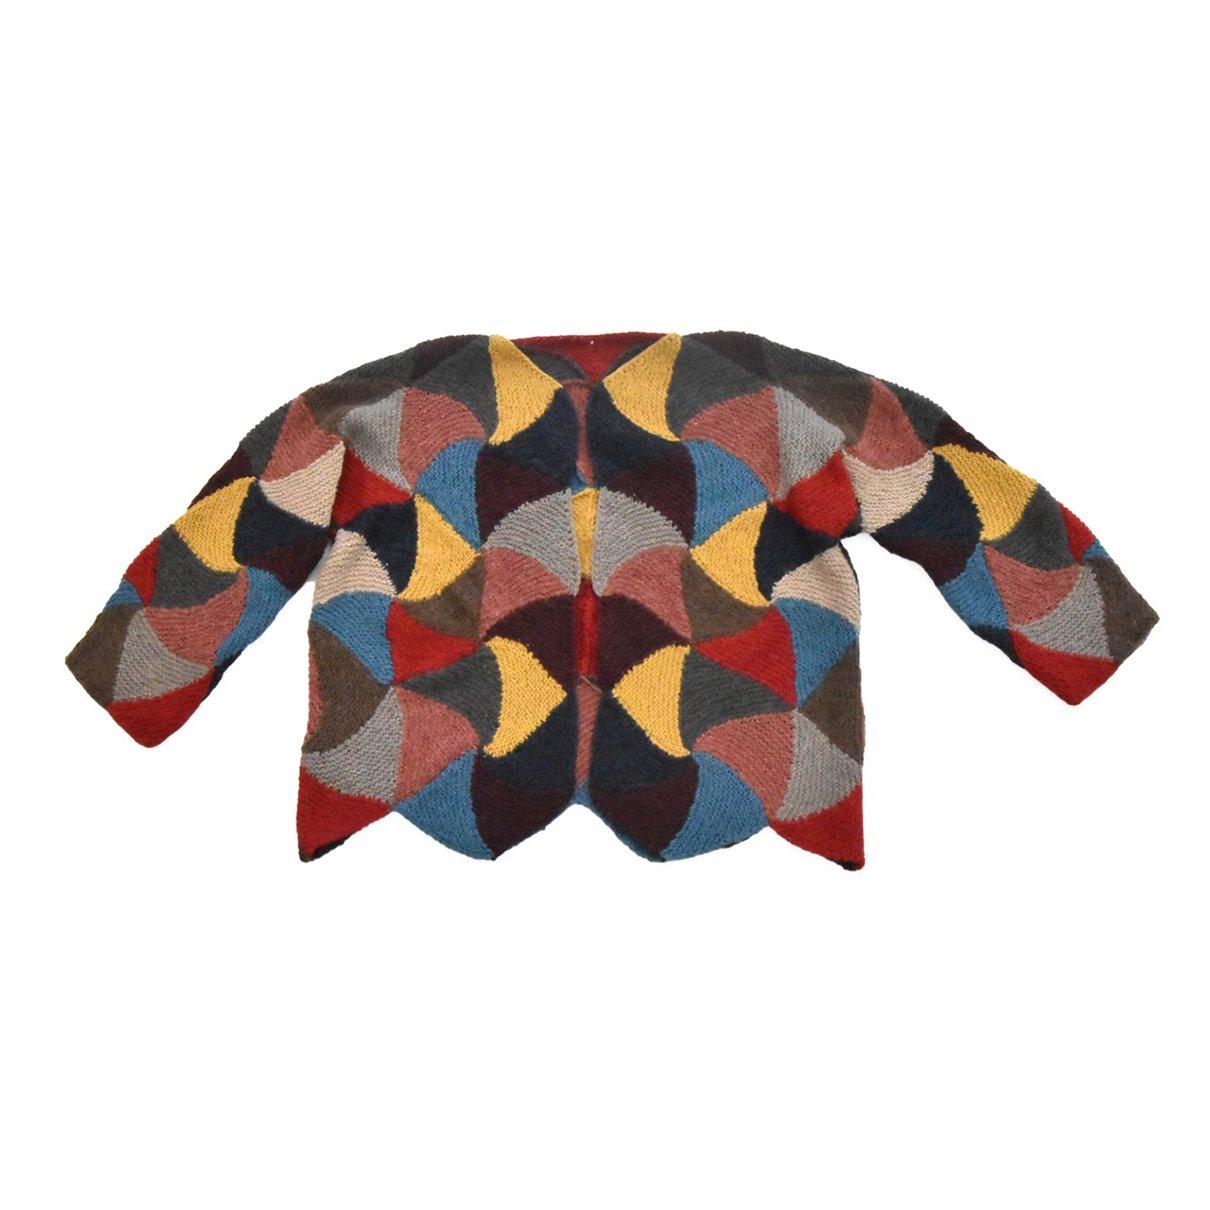 三角モチーフのジャケット